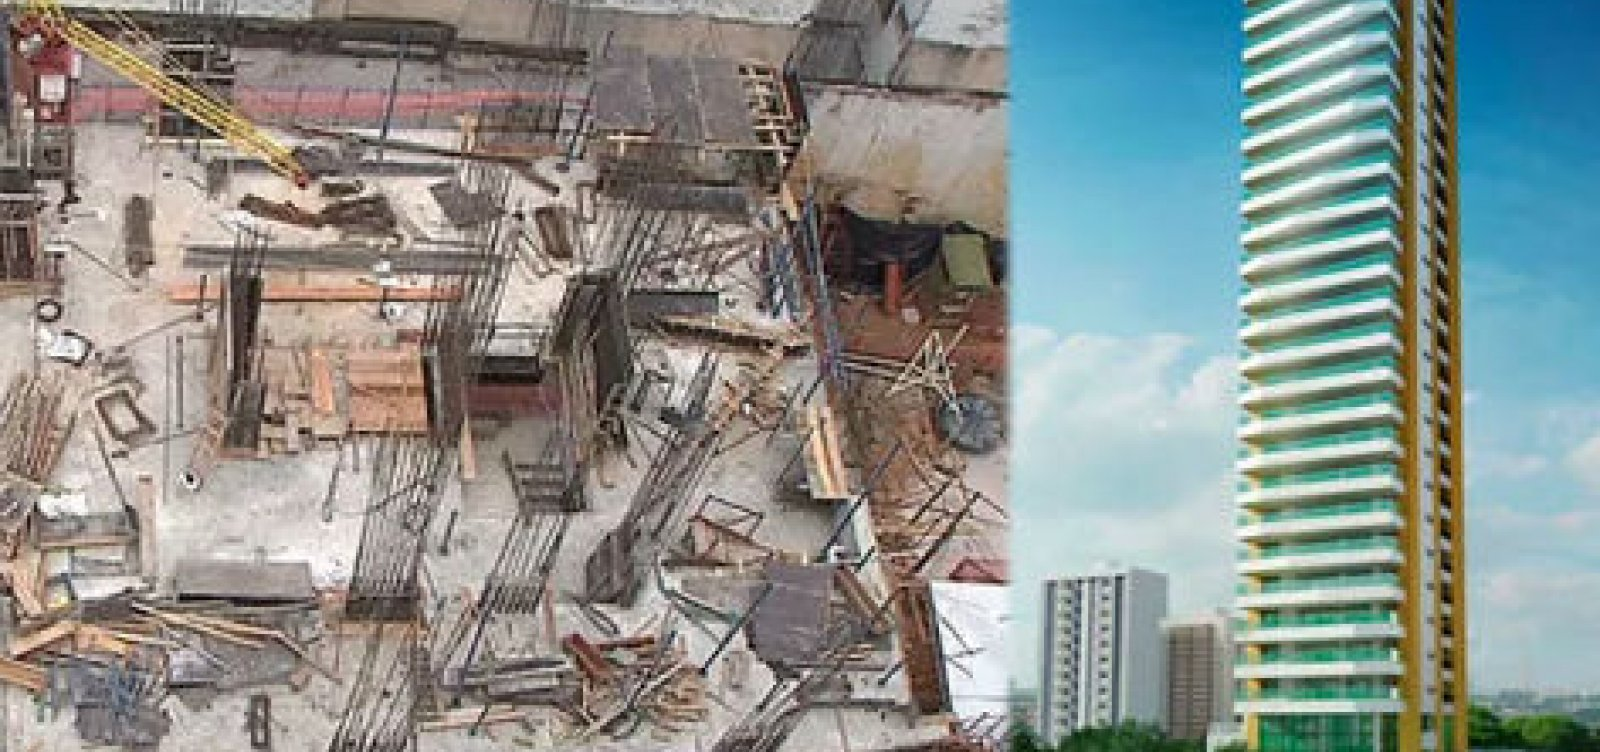 [Após polêmica, prédio de luxo La Vue na Barra terá versão menor; obras devem ser retomadas]